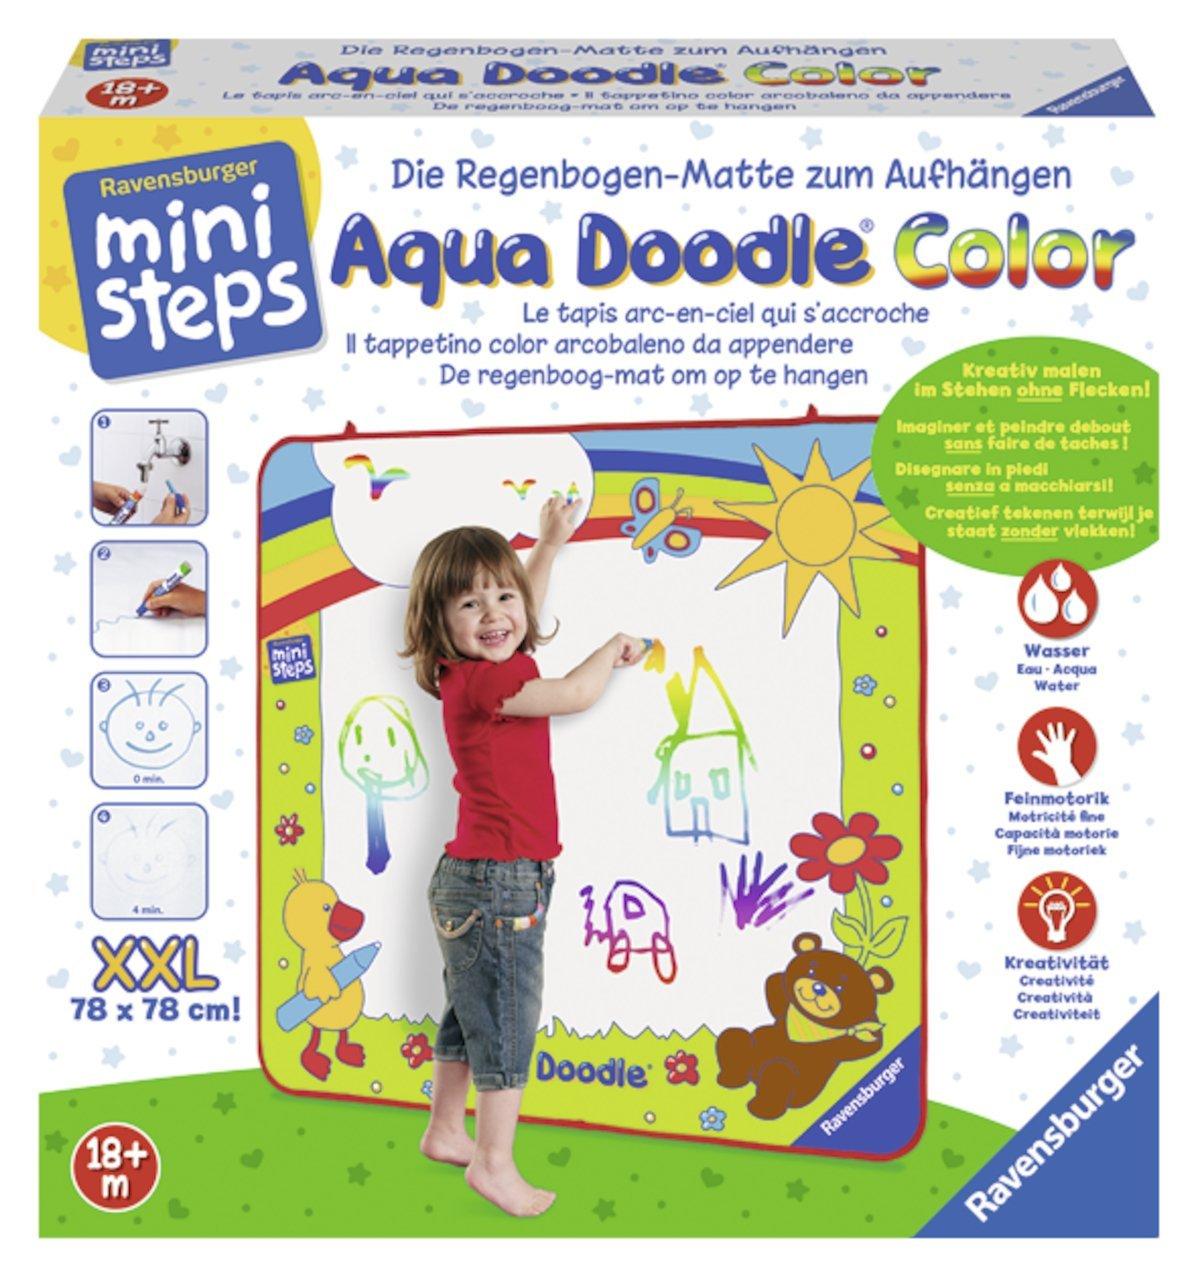 Amazon Prime: Ravensburger 04493 - ministeps Aqua Doodle XXL Color  / Idealo ab 30,94€